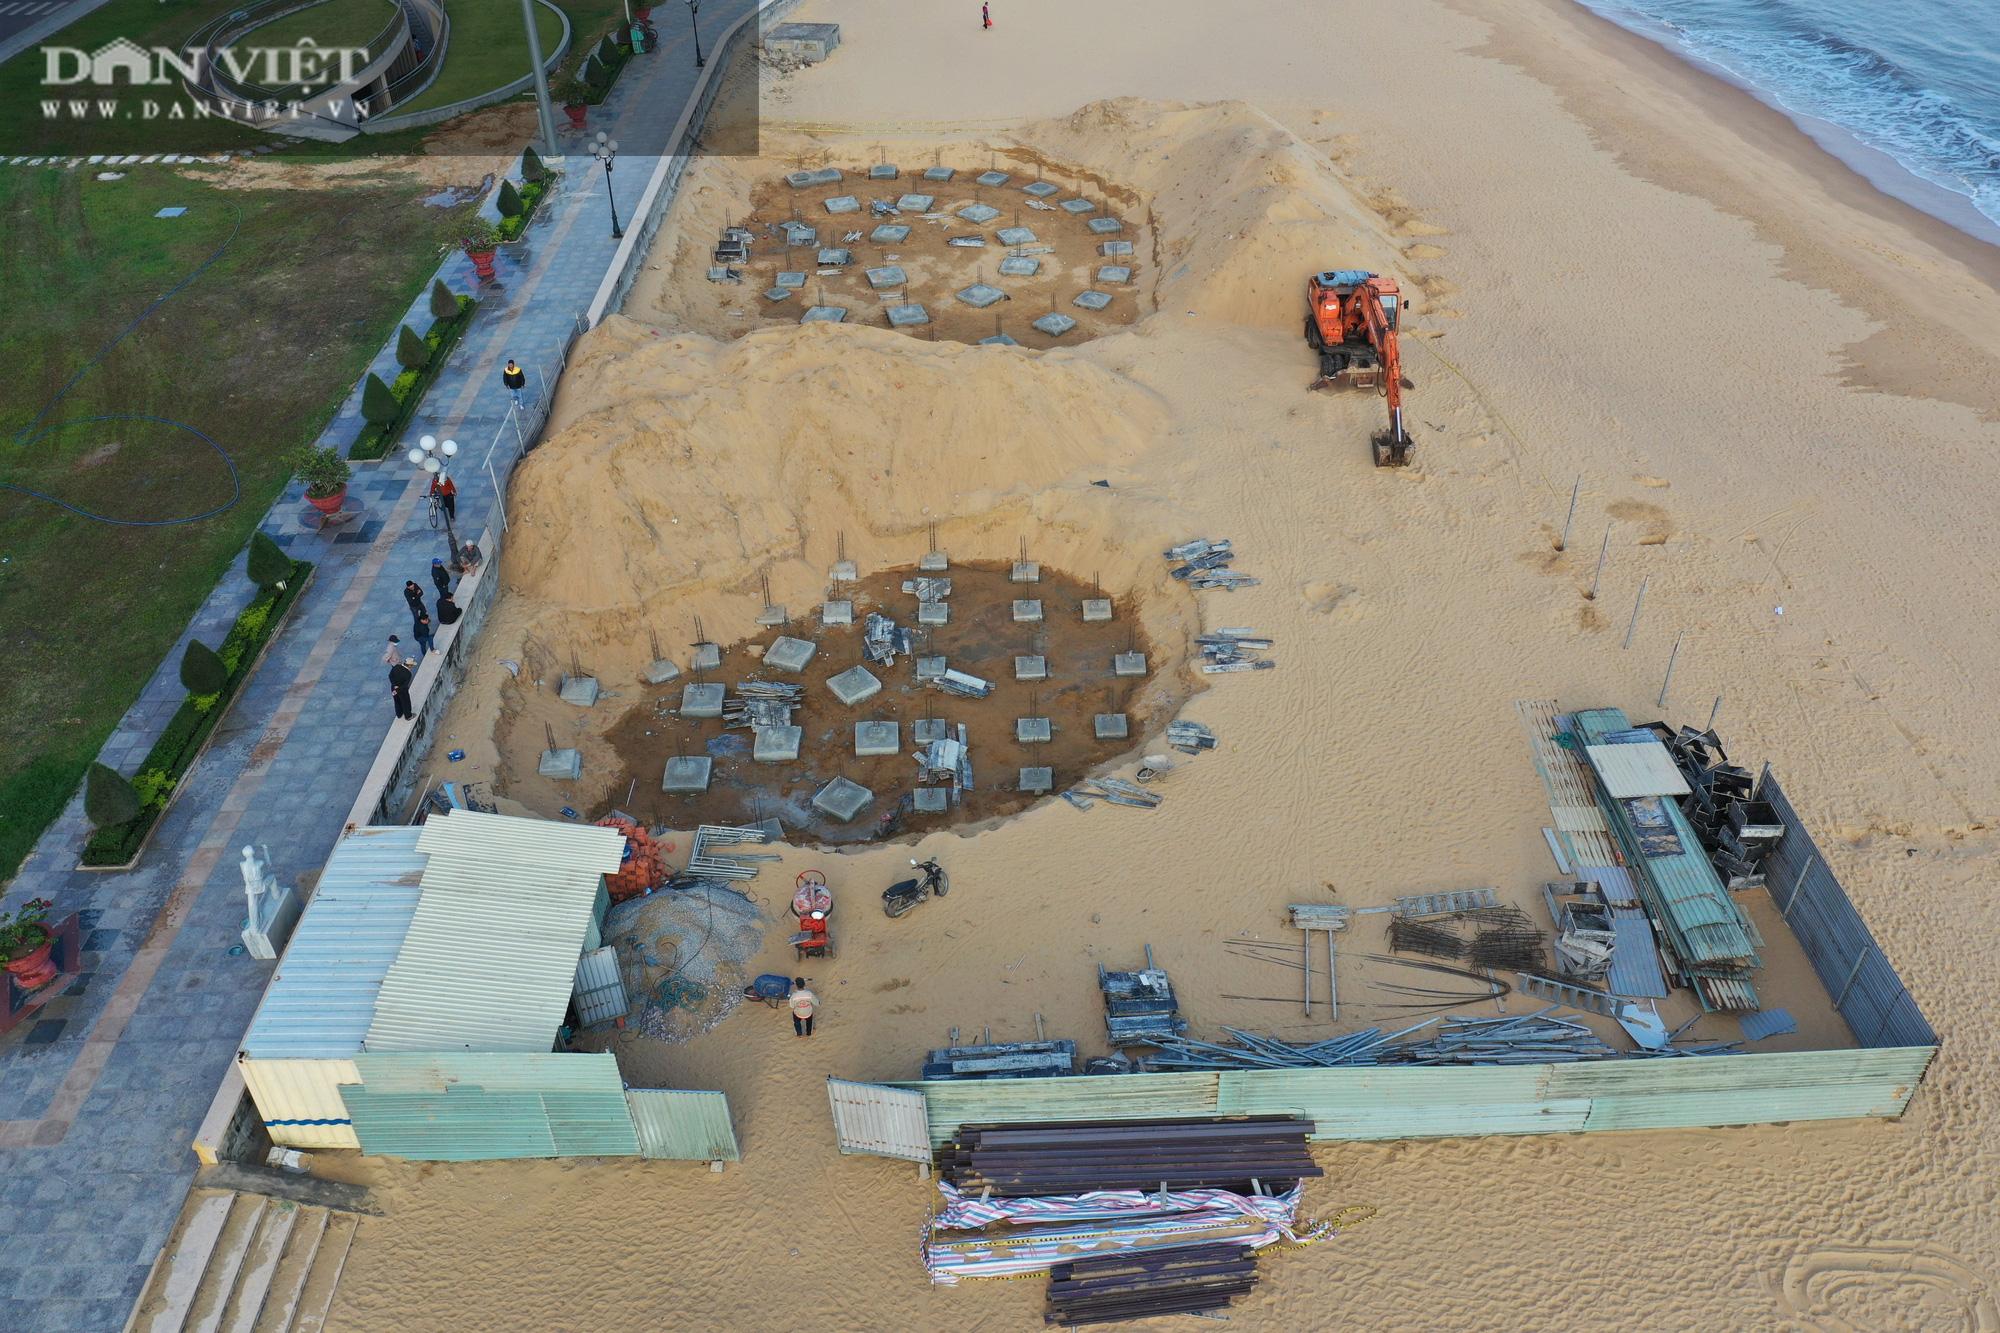 Cận cảnh cẩu 65 móng trụ bê tông không phép rời khỏi bãi biển Quy Nhơn - Ảnh 5.